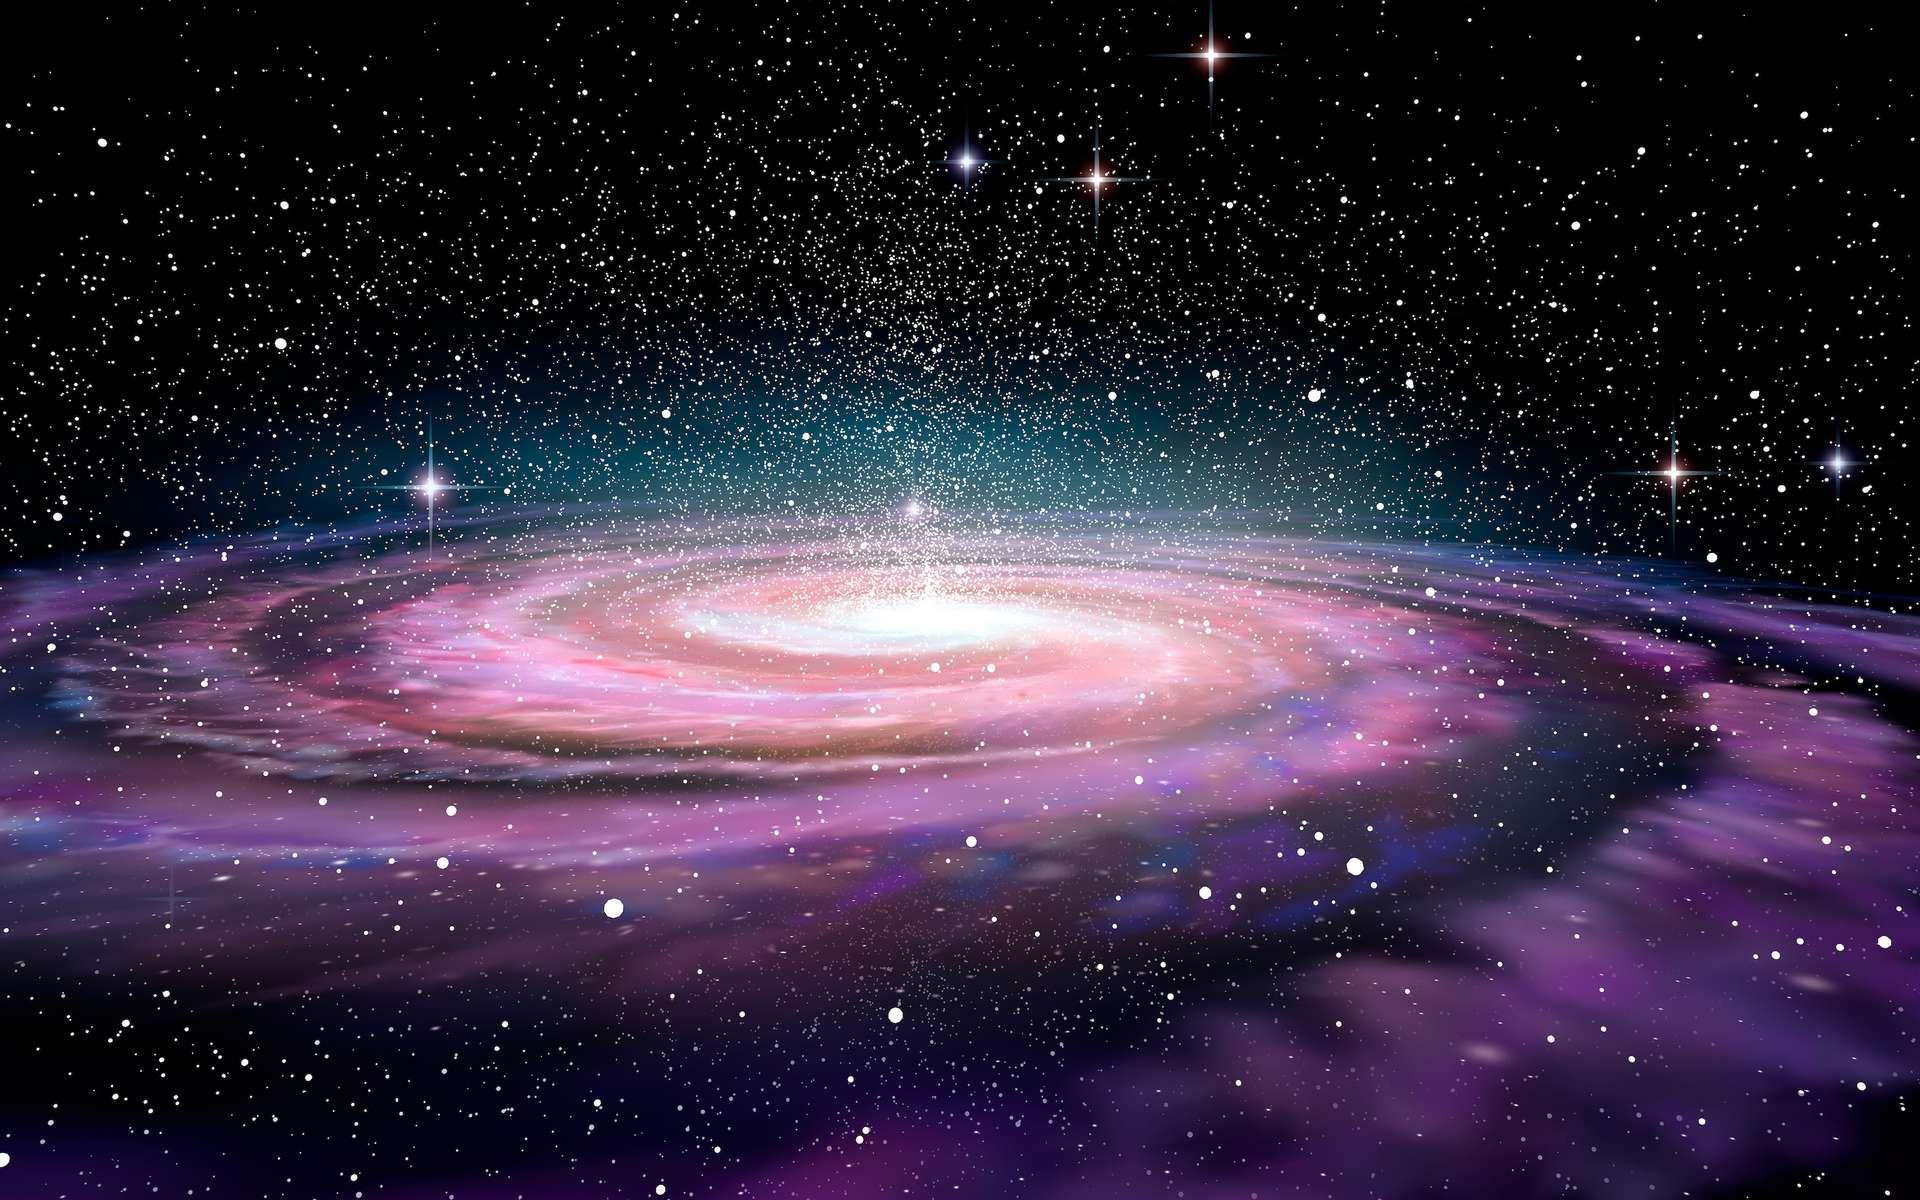 Selon des données d'une précision inégalée, la Terre se situerait à « seulement » 25.800 années-lumière de Sagittarius A*. © Alexandr Mitiuc, Adobe Stock